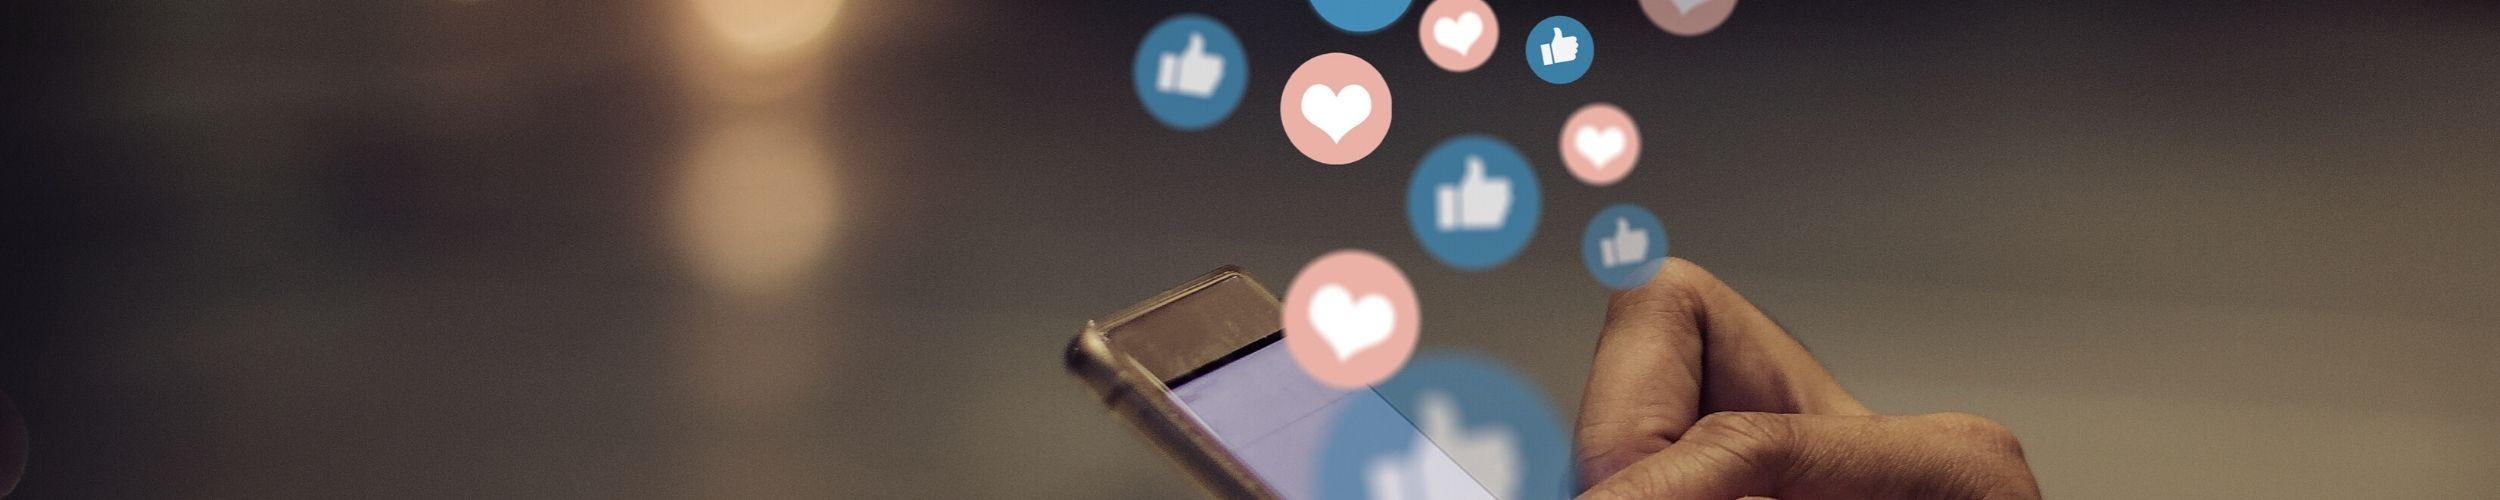 redes sociales en la generación de la inteligencia